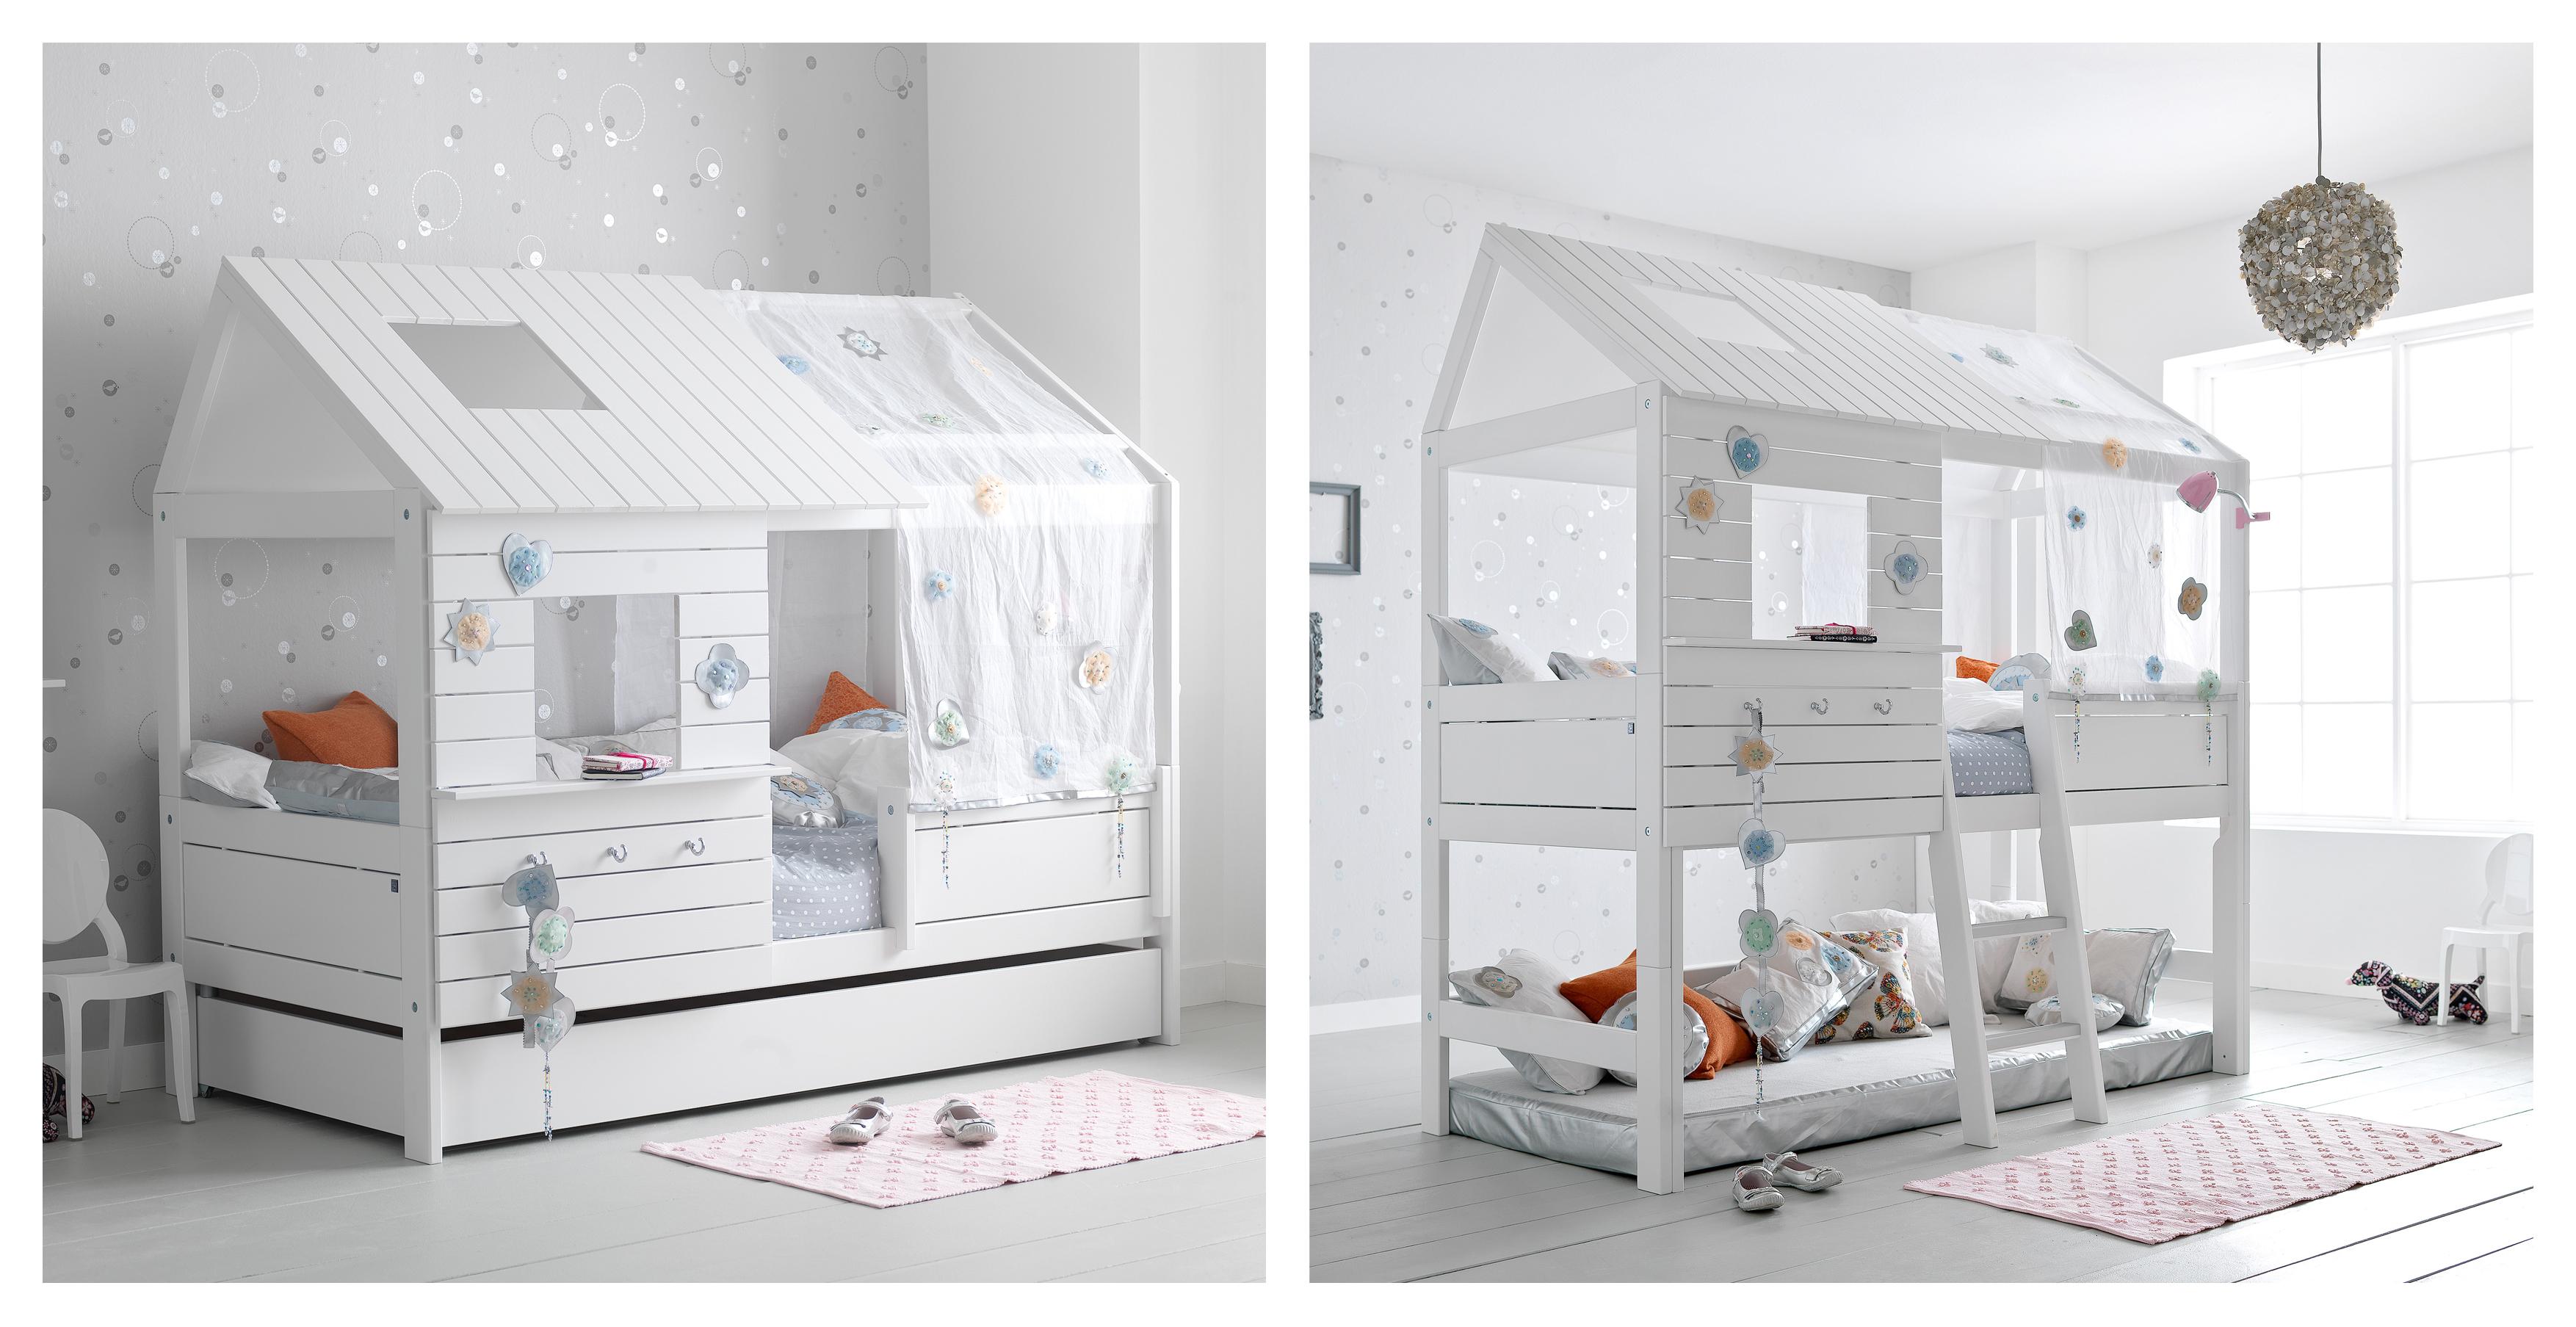 Camerette evolutive e mobili trasformabili belv camerette for Piani casa 6 camere da letto